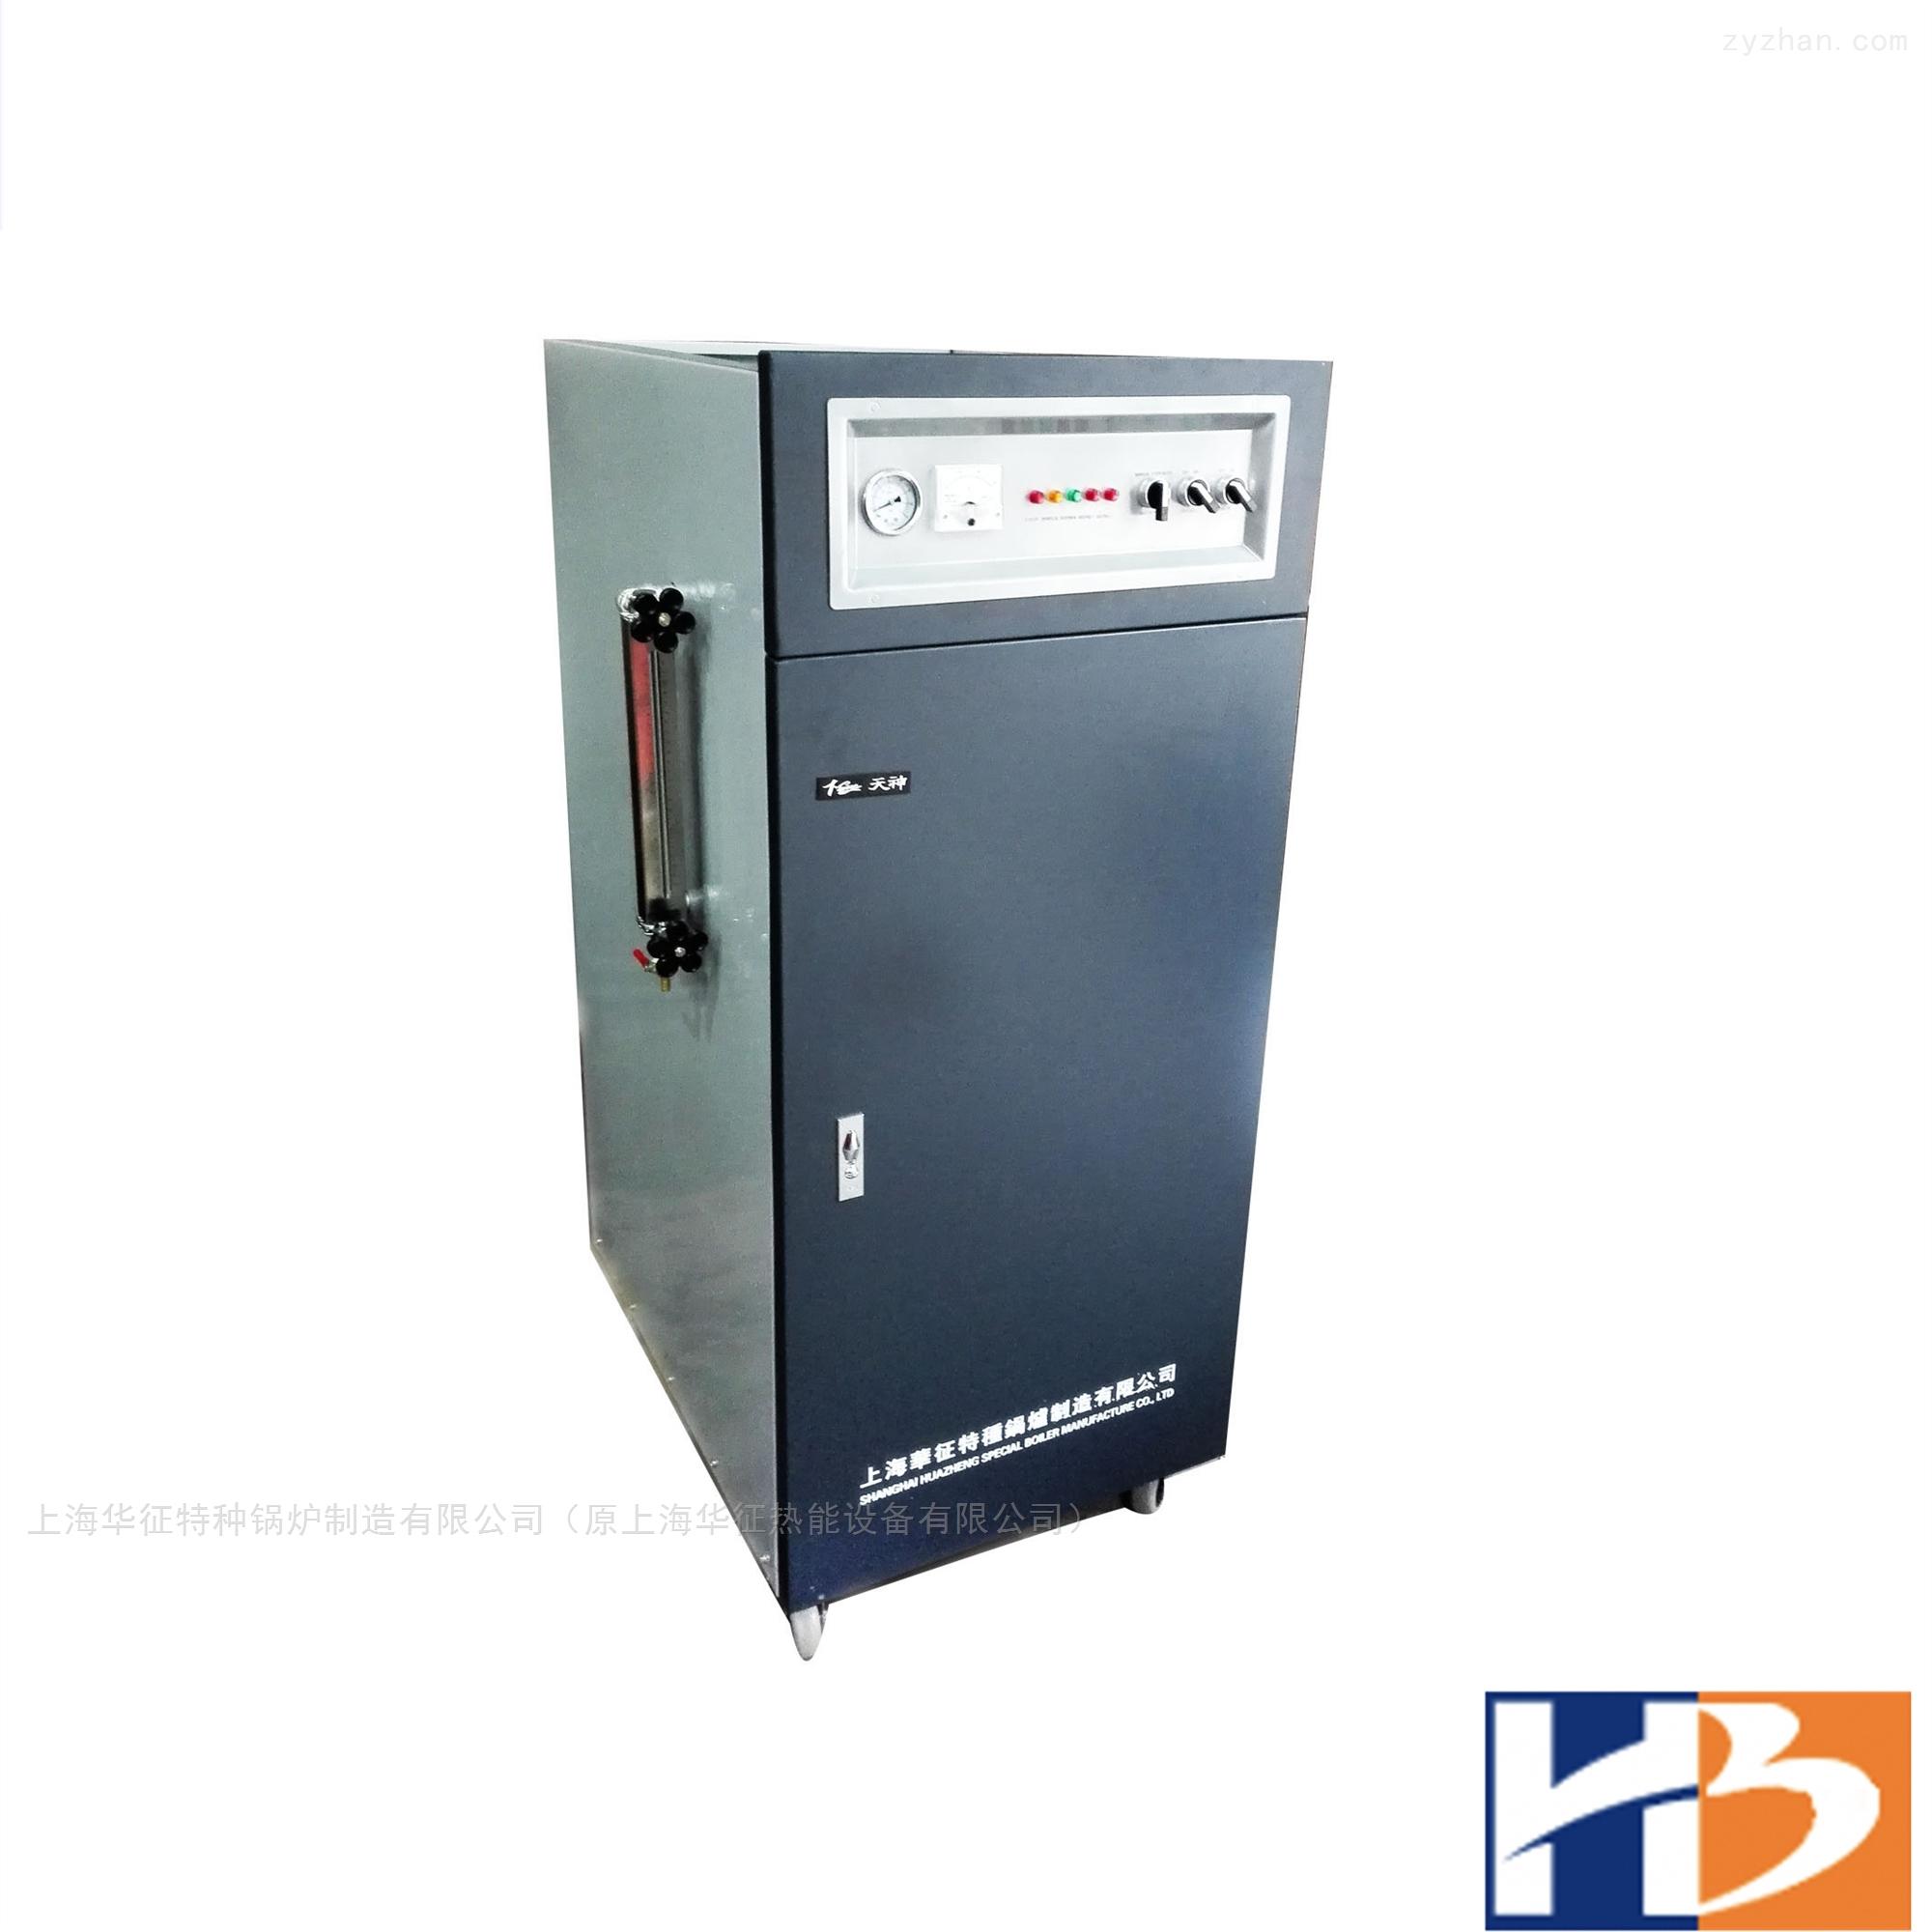 供应实验消毒用免锅检电锅炉、电蒸汽发生器HX-45D-0.7